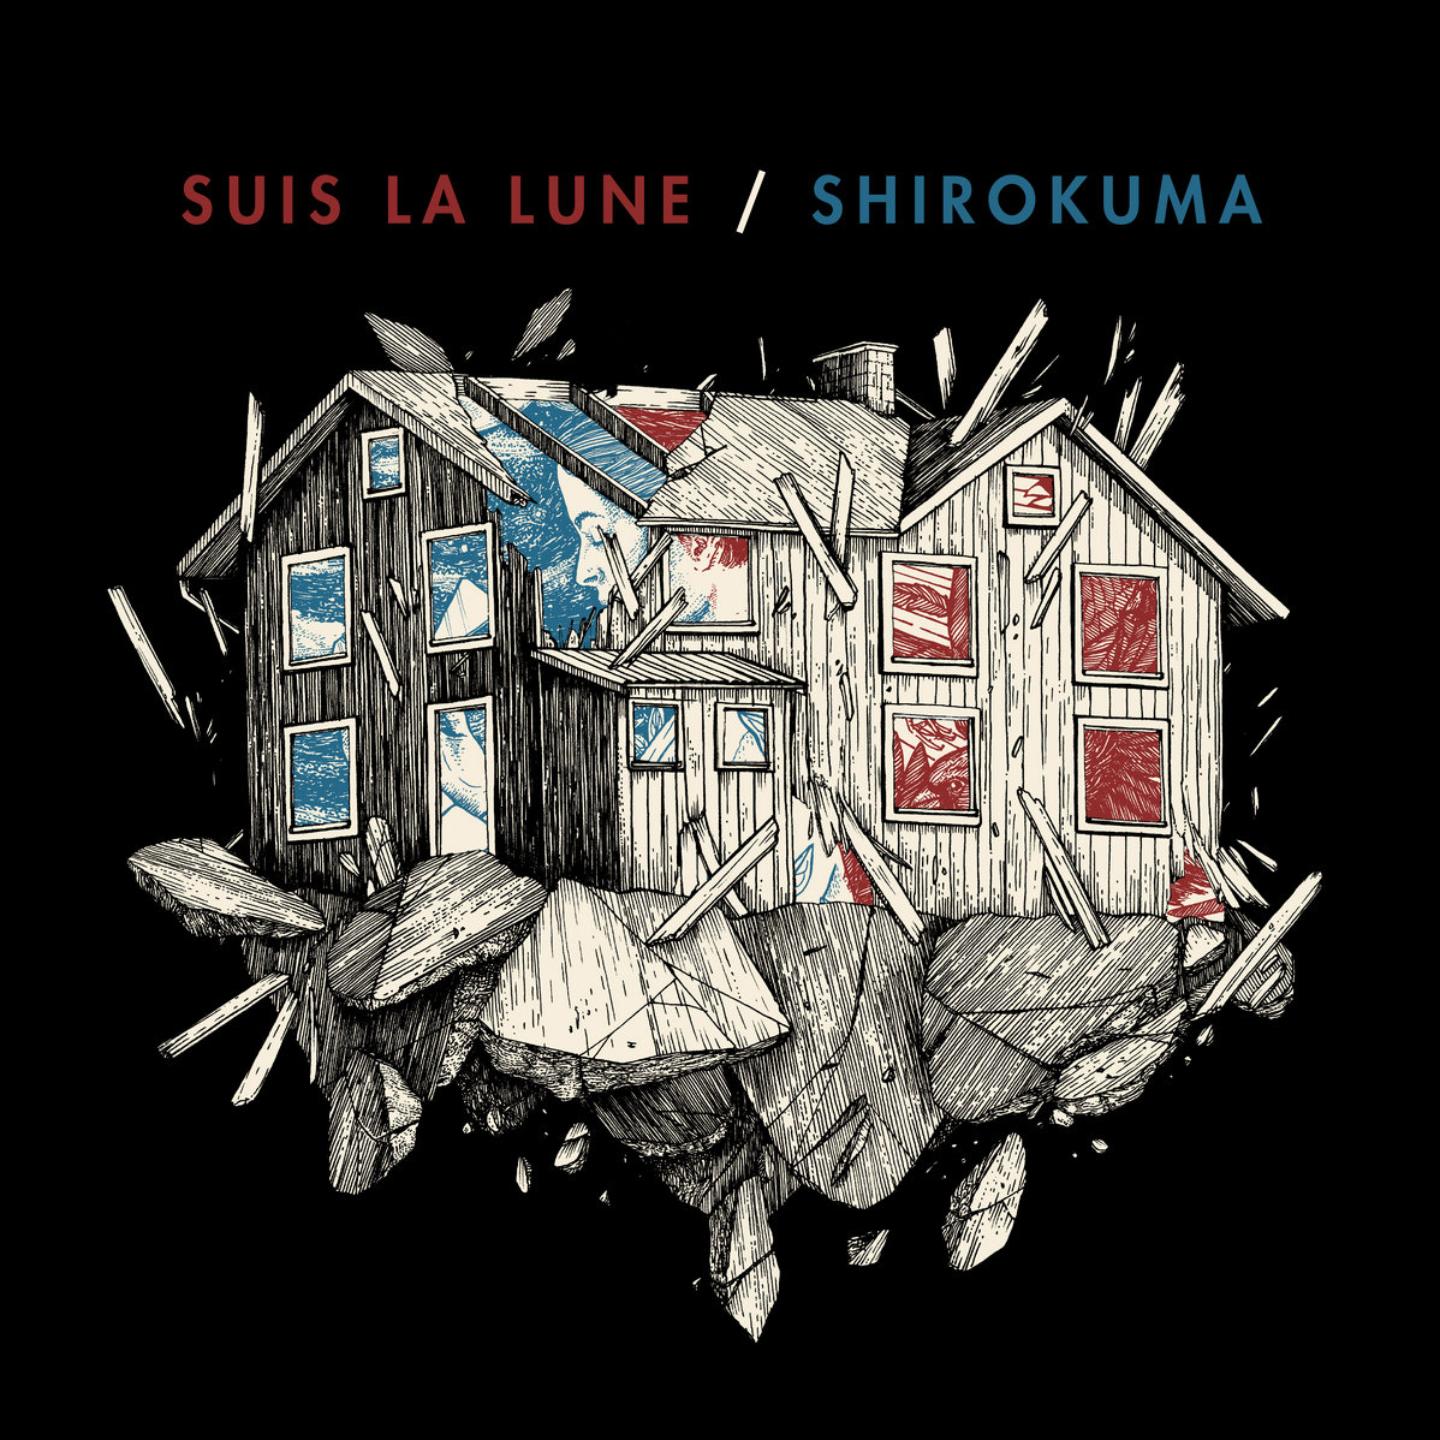 SUIS LA LUNE  SHIROKUMA - Split LP